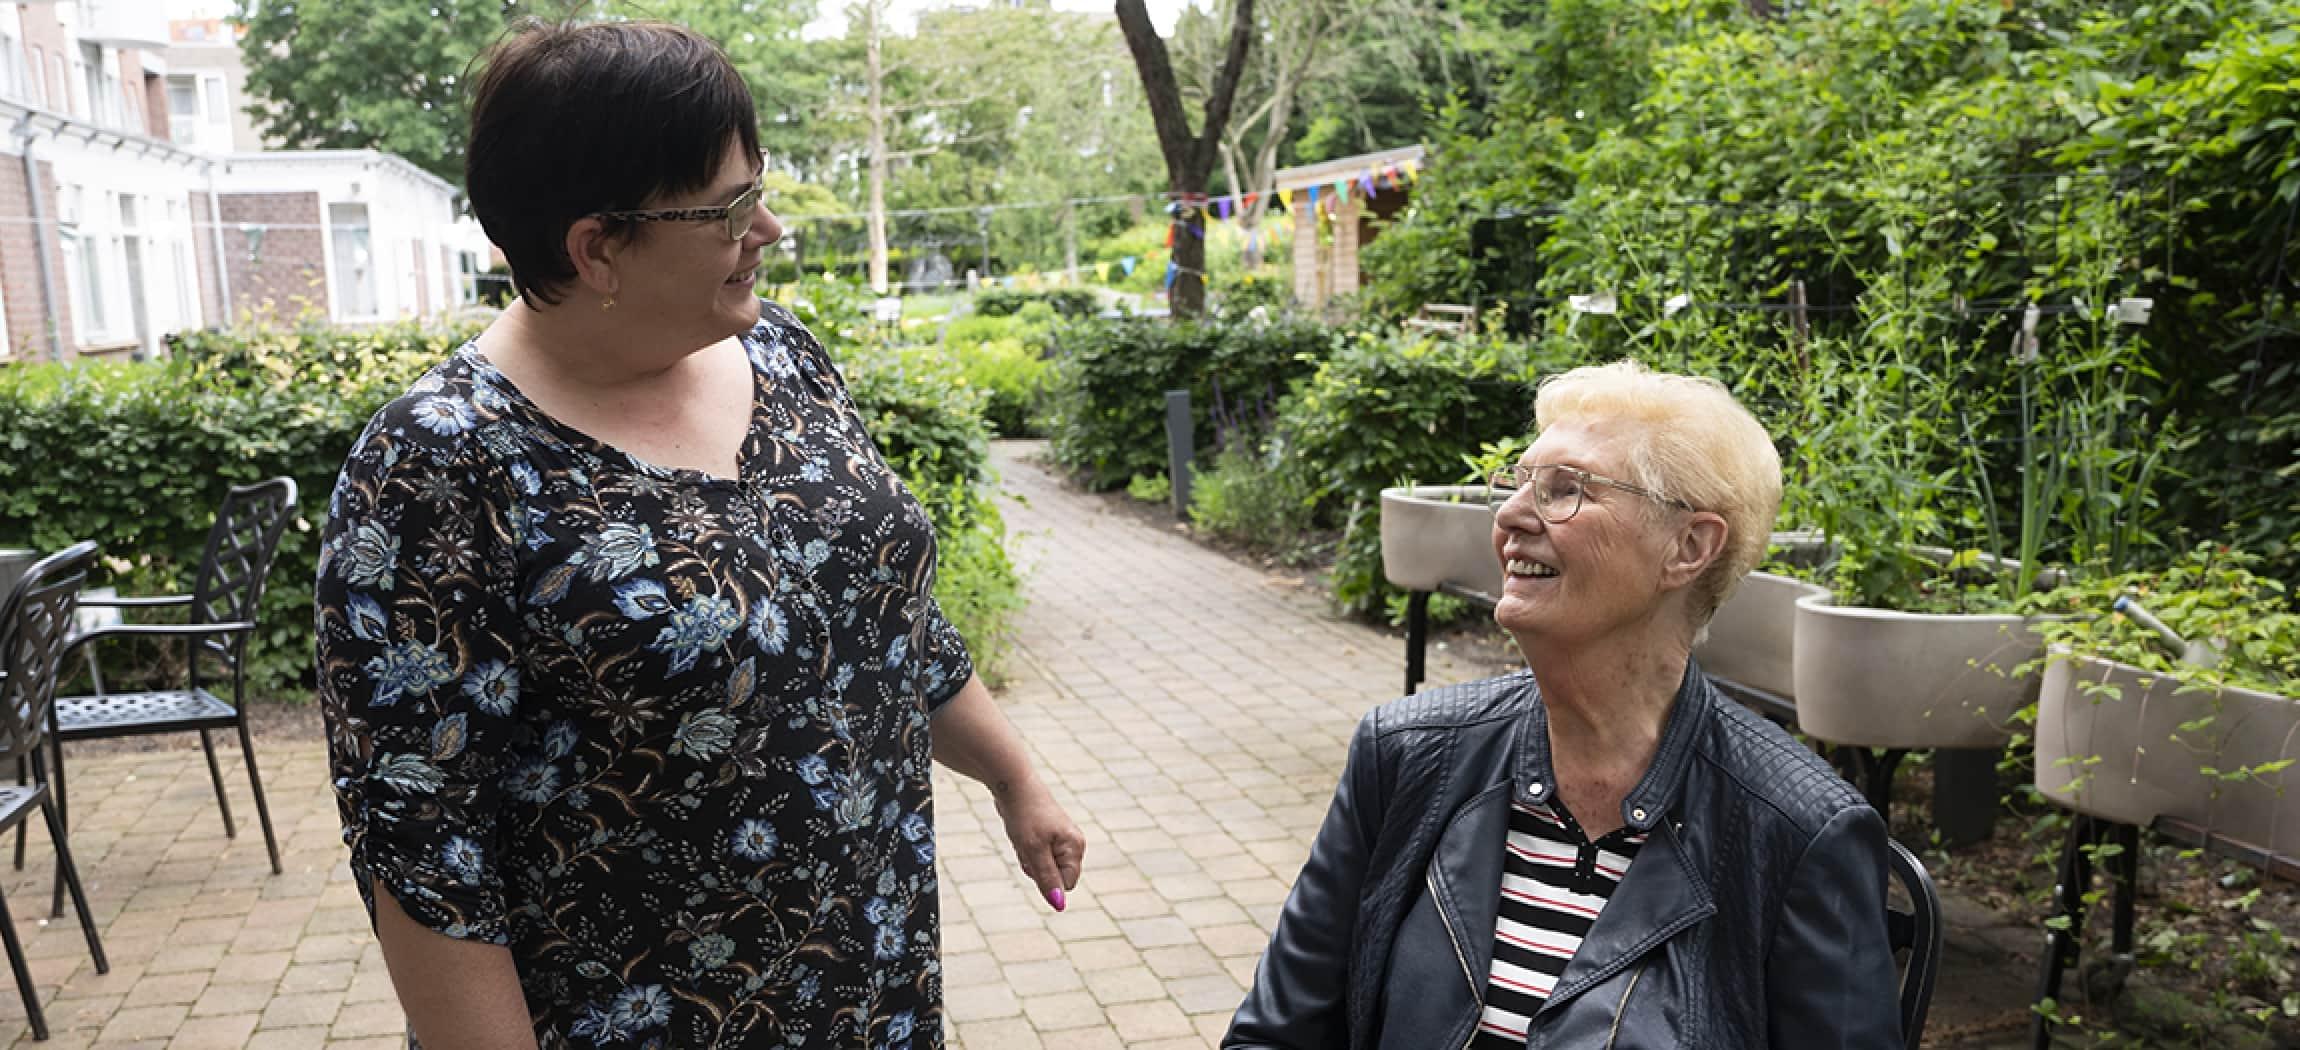 Coronatijd in woonzorgcentrum De Bogt: interview met Luciana Masala en Nel Langhout